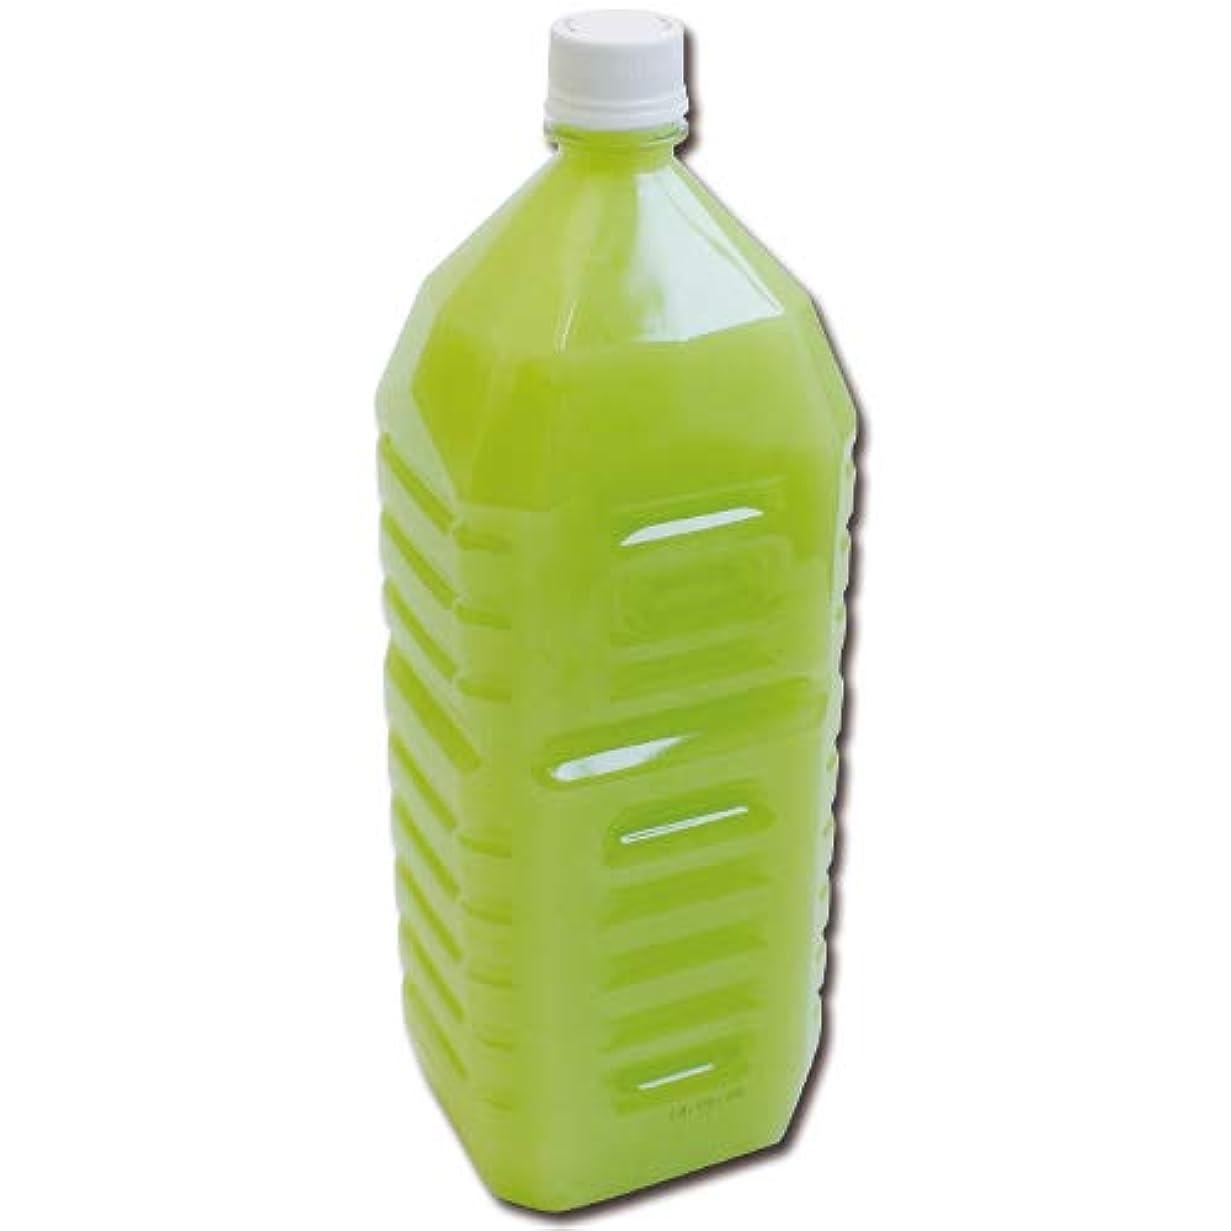 アボカドローション アボカドエキス配合 2Lペットボトル ハードタイプ(5倍濃縮原液)│アボガド 業務用ローション ヌルヌル潤滑ローション マッサージゼリー